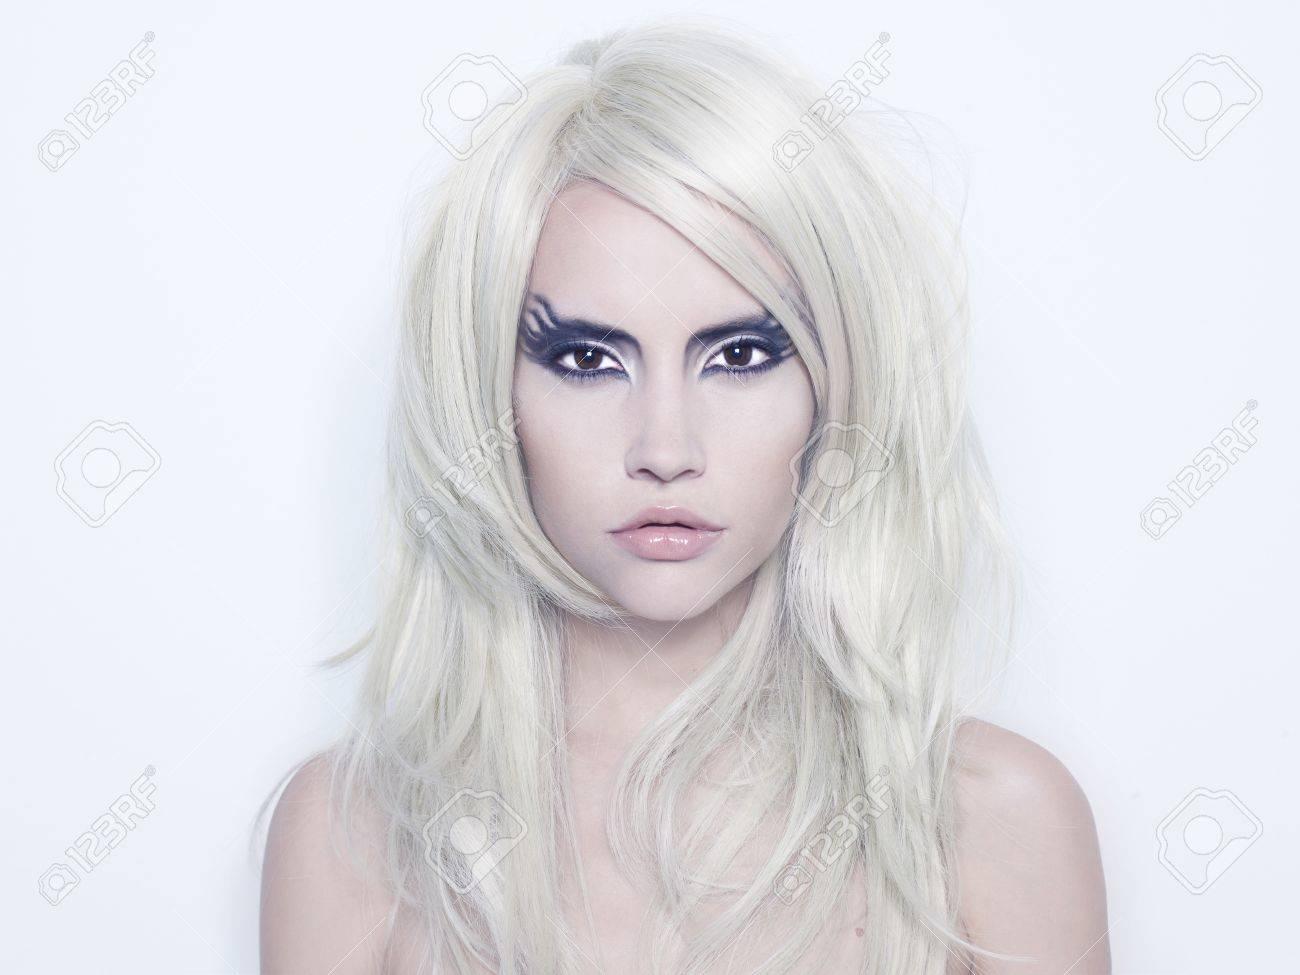 Modefotografie der schönen jungen Frau mit Phantasie Make-up Standard-Bild  - 11531797 42e6b435e2